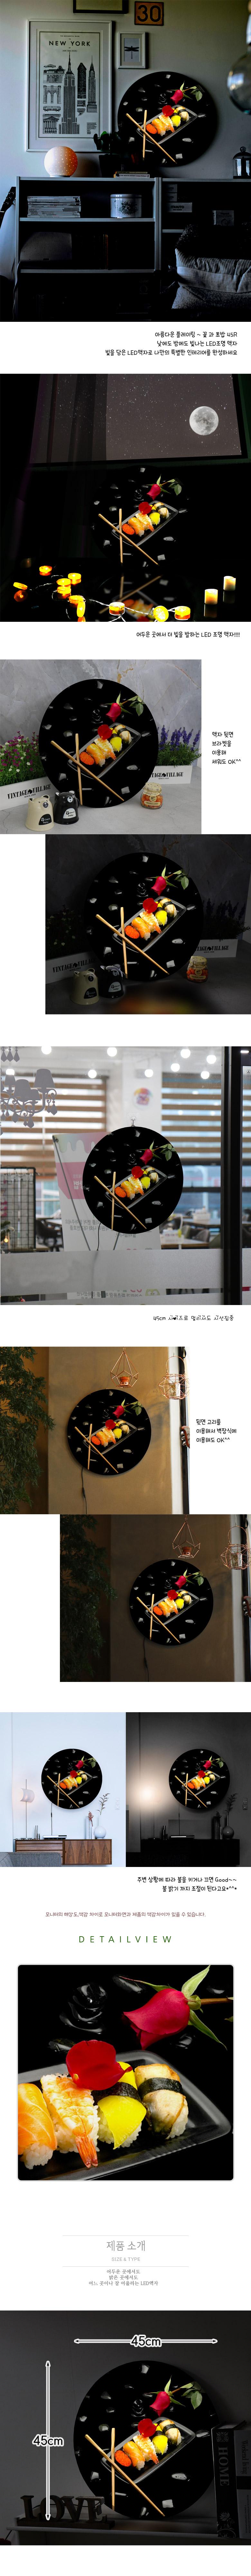 LED액자45R_꽃과초밥 - 꾸밈, 86,000원, 포인트조명, 터치조명